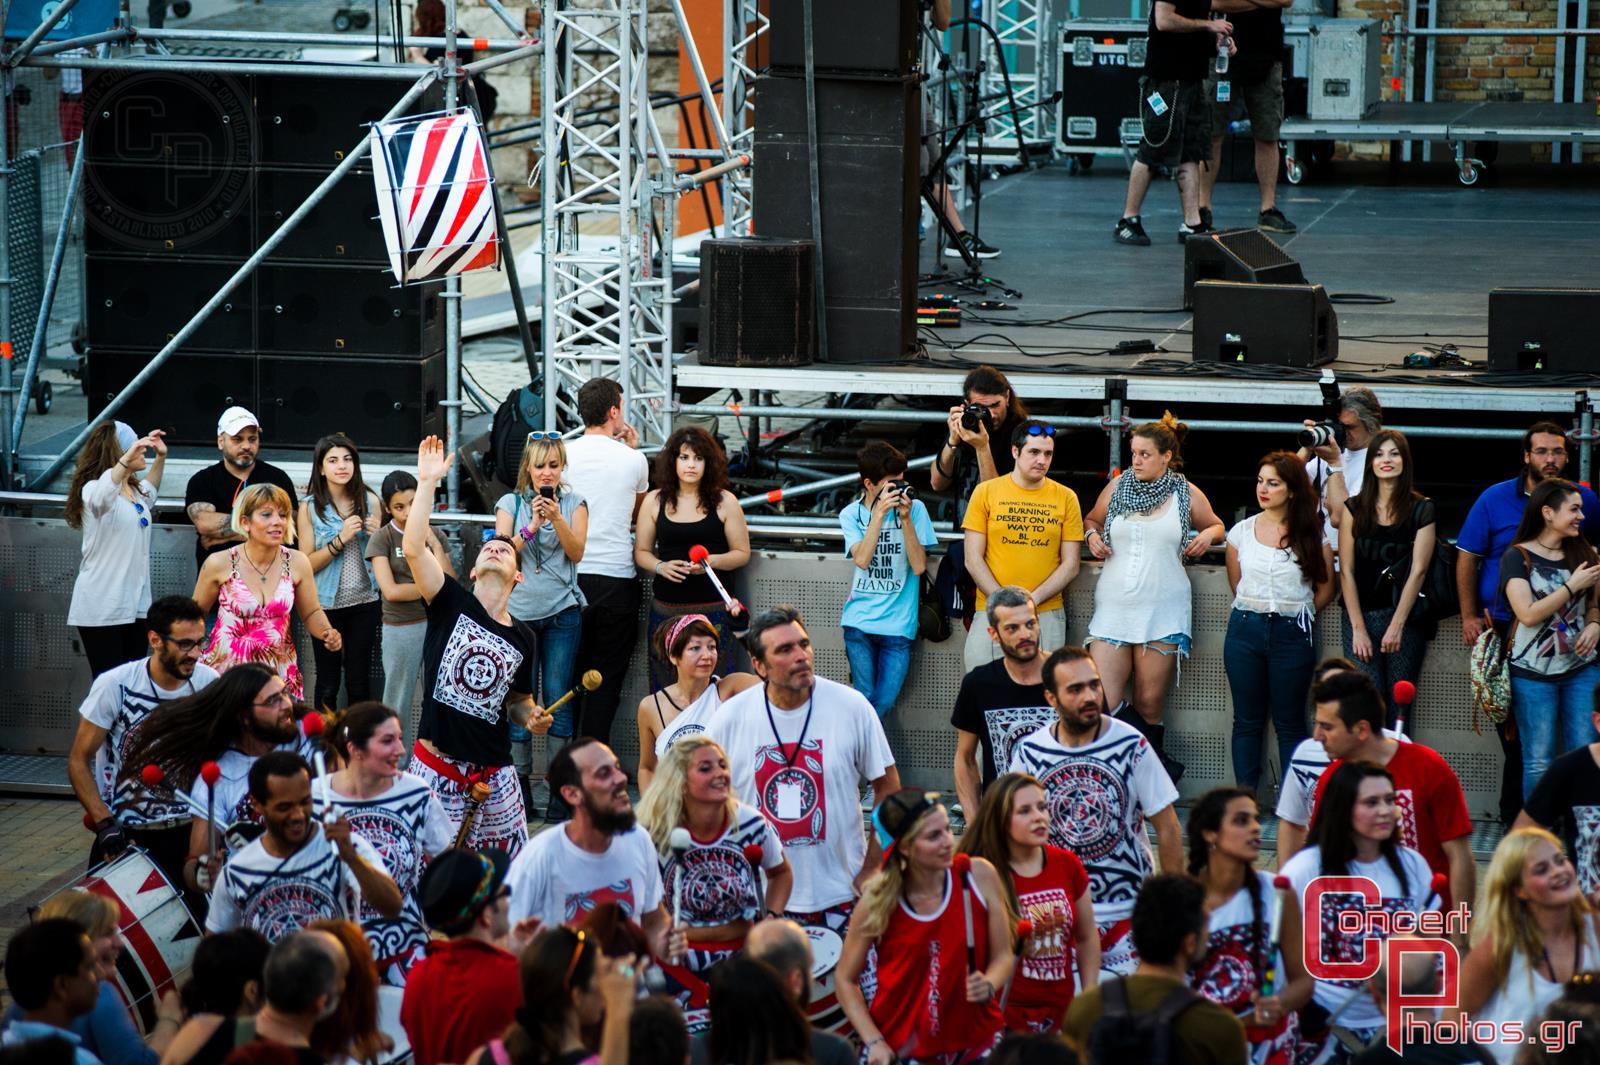 Μία συναυλία για τη Σχεδία 2014-Sxedia 2014 photographer:  - concertphotos_20140526_20_37_31